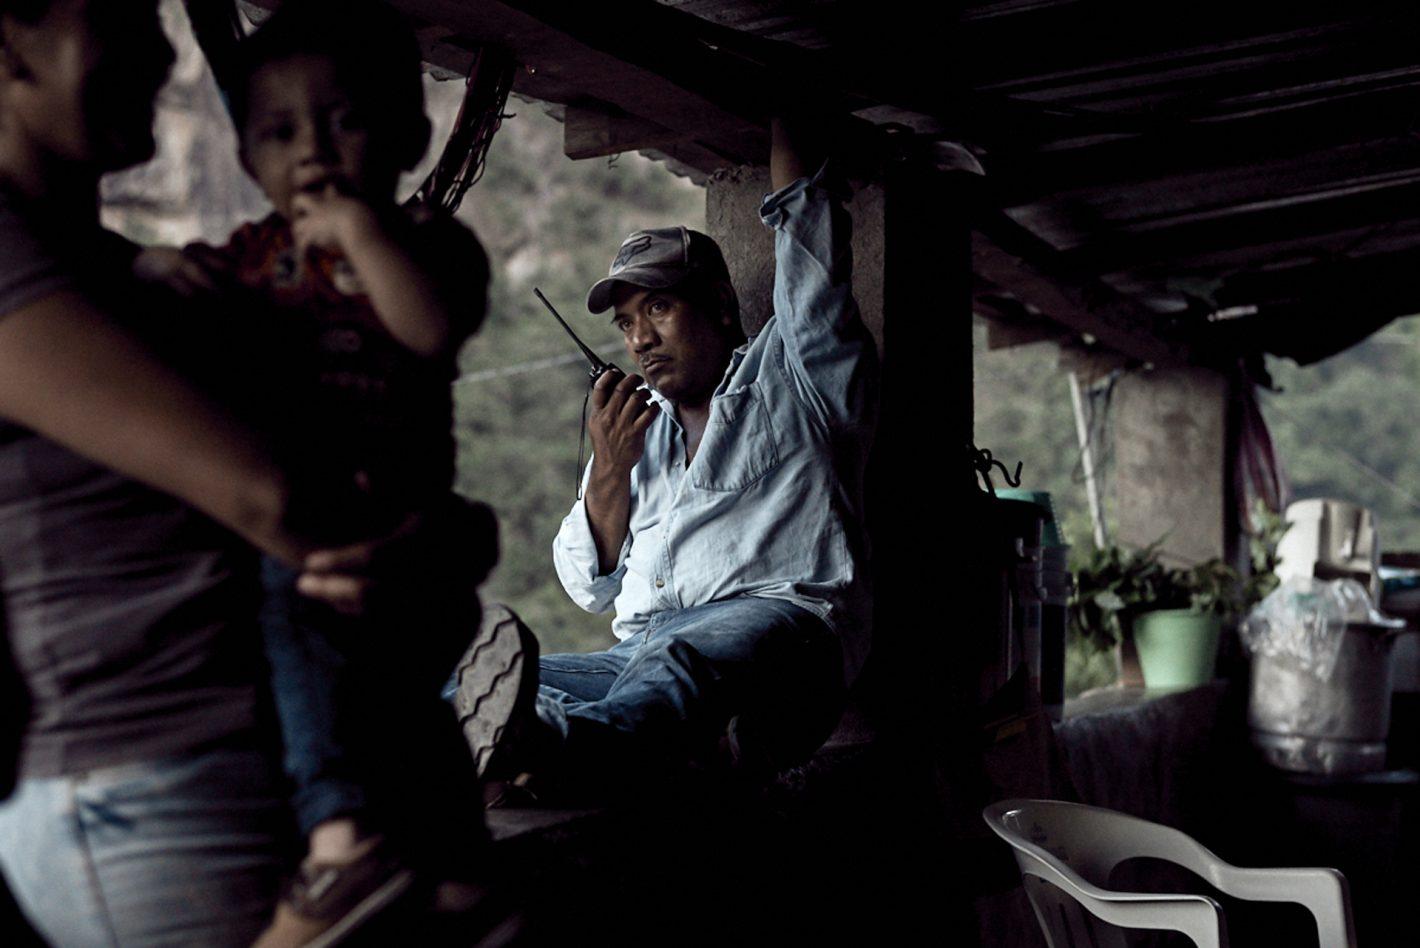 Mahé Elipe, l'humain au cœur de l'image - AGRICULTEUR DE PAVOT MEXICO HEROINE_AMAPOLA